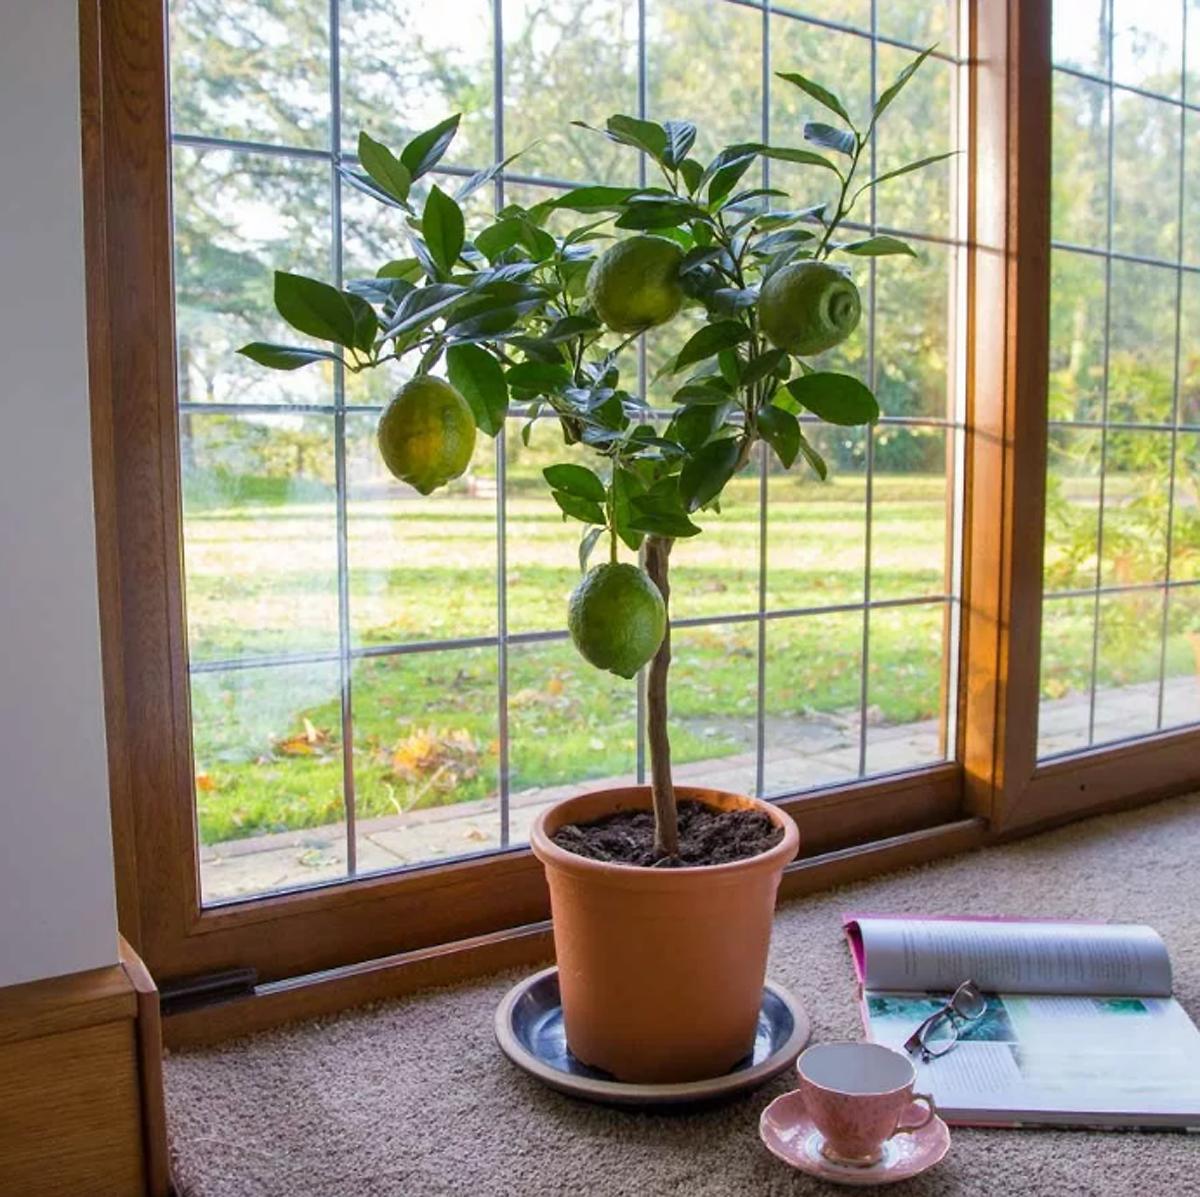 Как ухаживать за денежным деревом ( крассулой) в горшке в домашних условиях